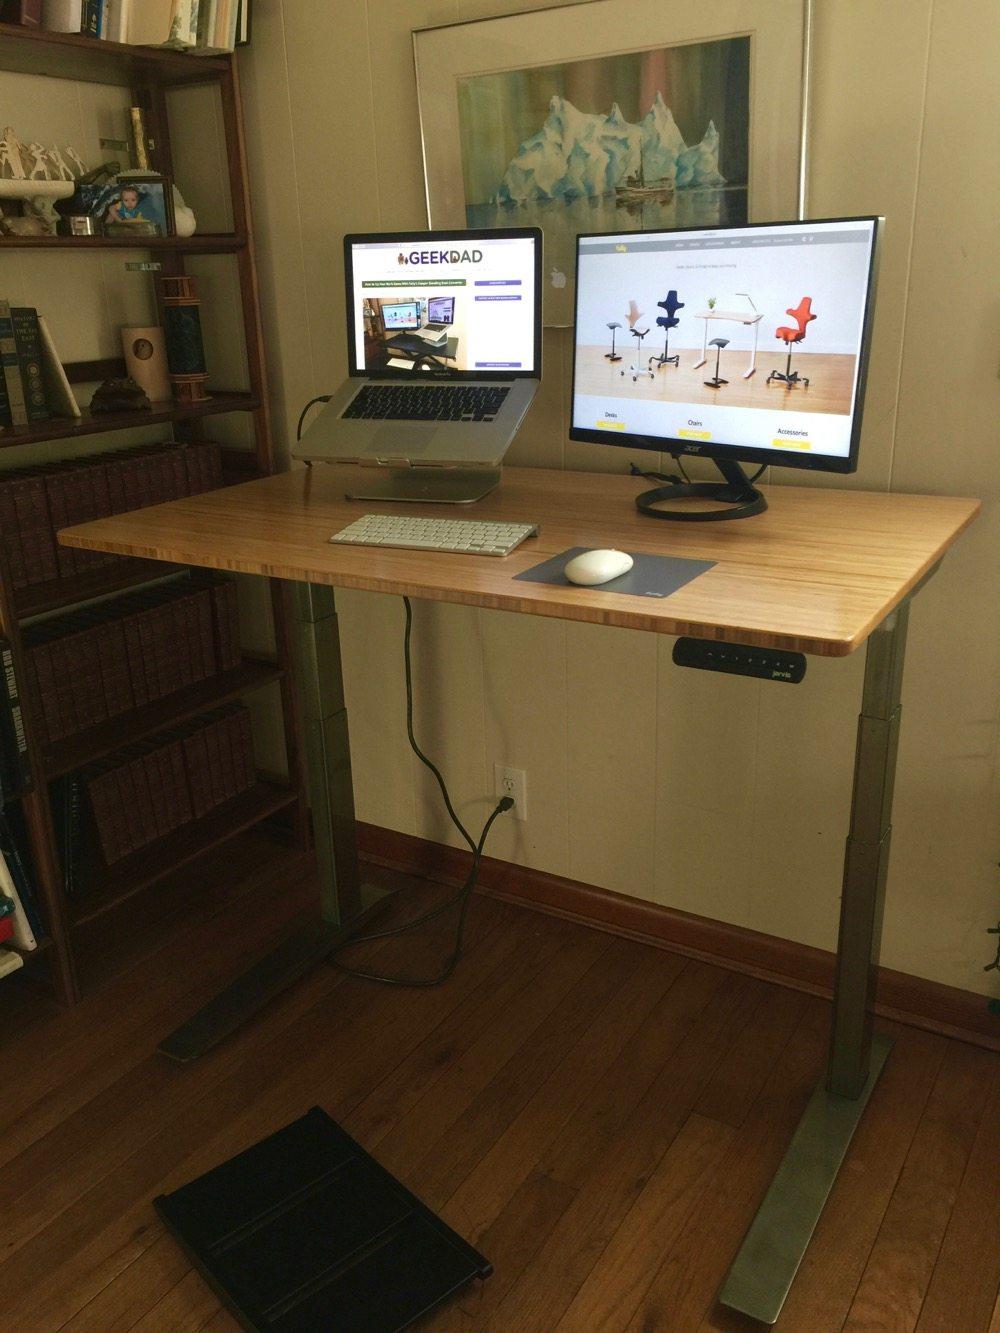 Jarvis Bamboo Adjustable Standing Desk Best Desk I Ve Ever Used Geekdad